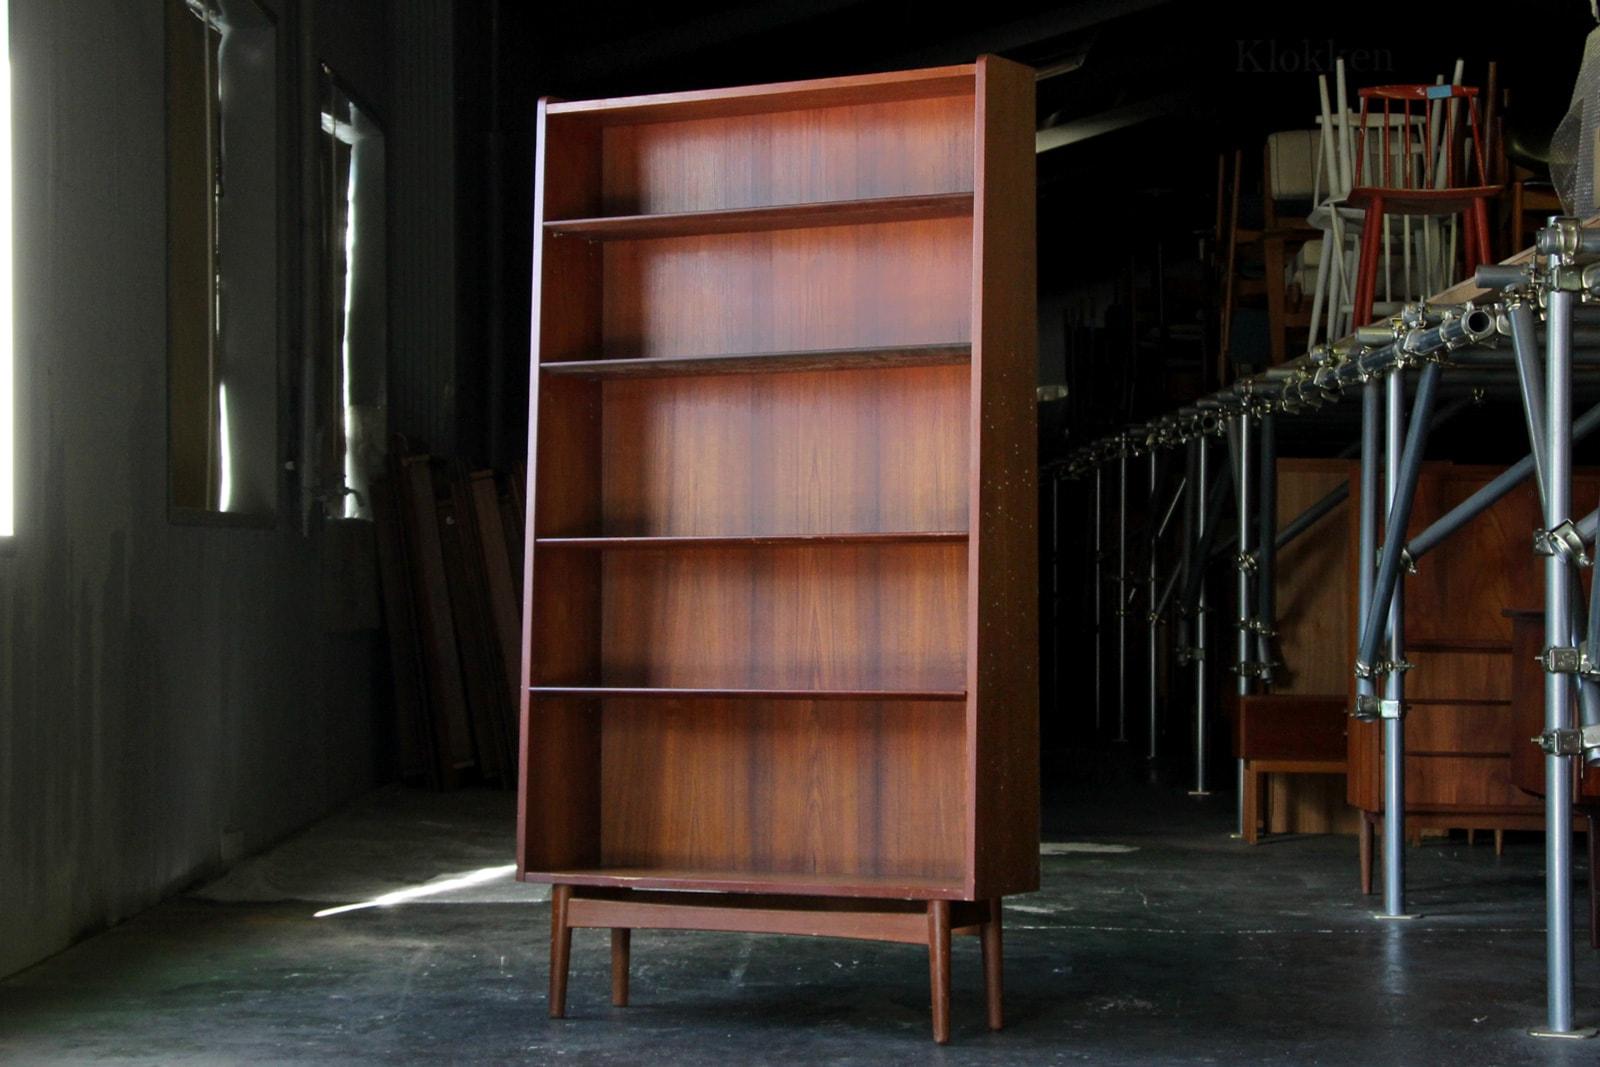 北欧,デンマーク,家具,Johannes,Sorth,ブックシェルフ,本棚,大きい